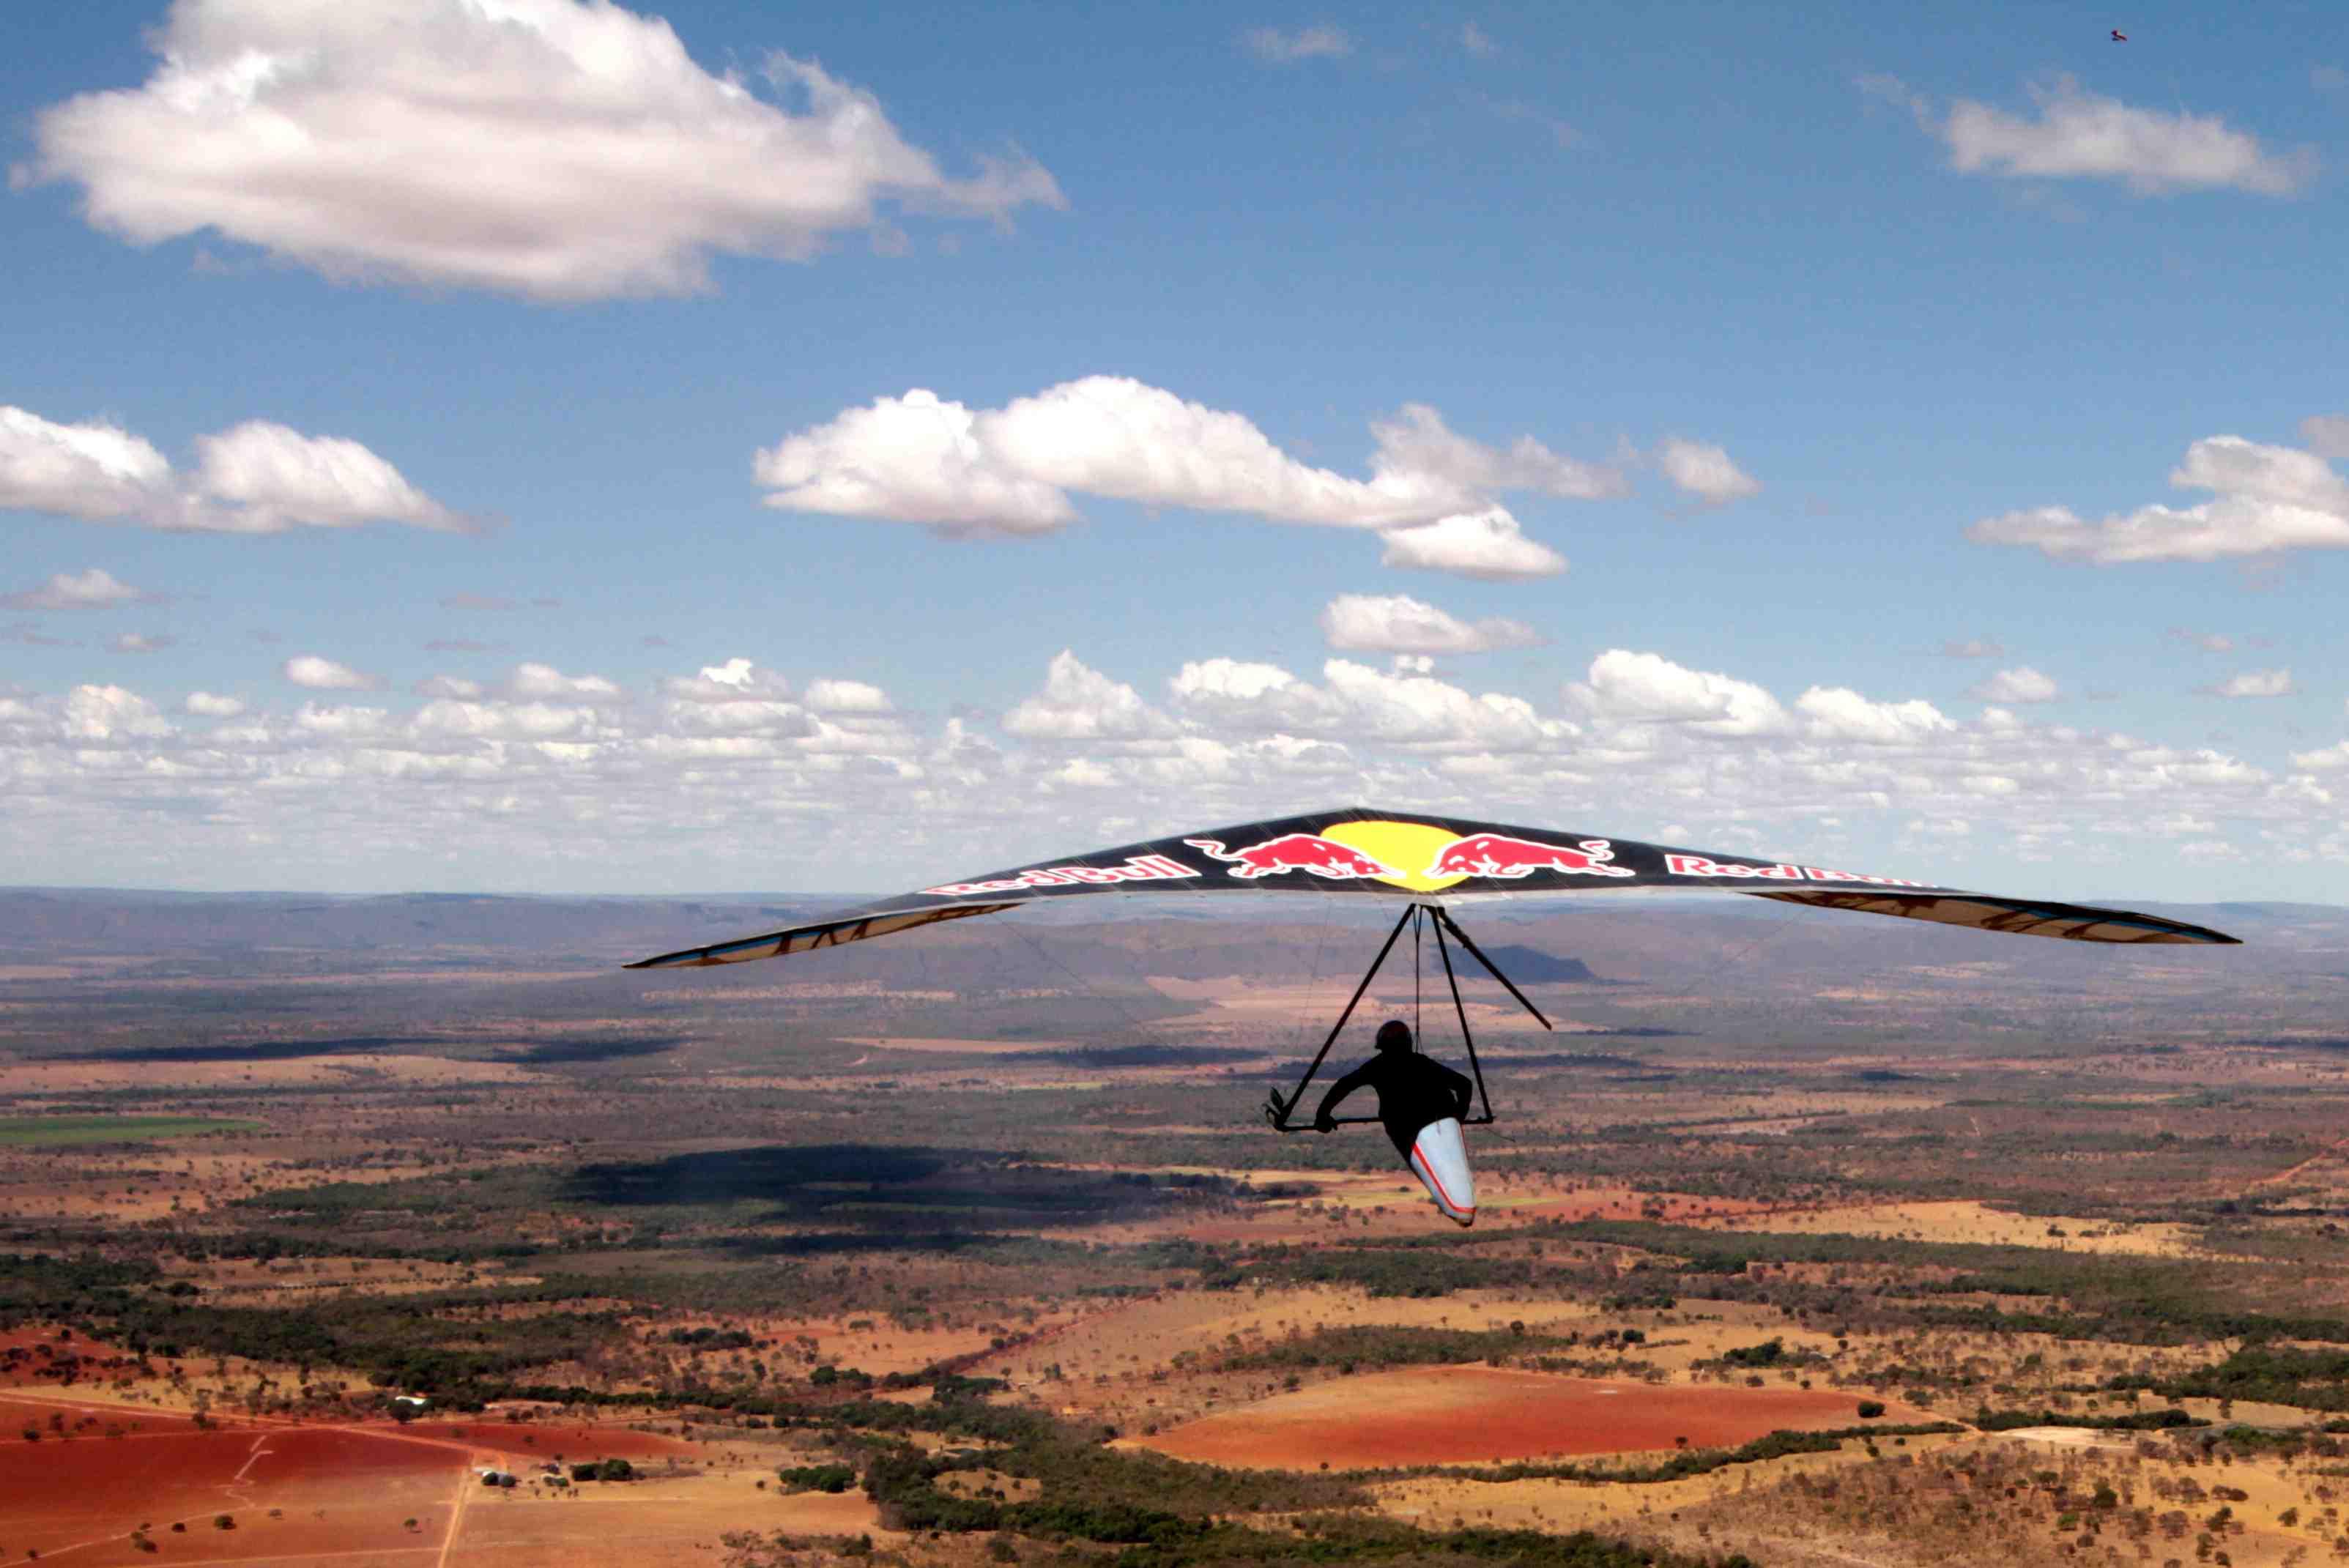 Mundial de Asa Delta volta a Brasília após 12 anos. Decolagens serão feitas em Formosa/GO a cerca de 1000 metros de altitude - Foto: Alex Farias/Arquivo EB